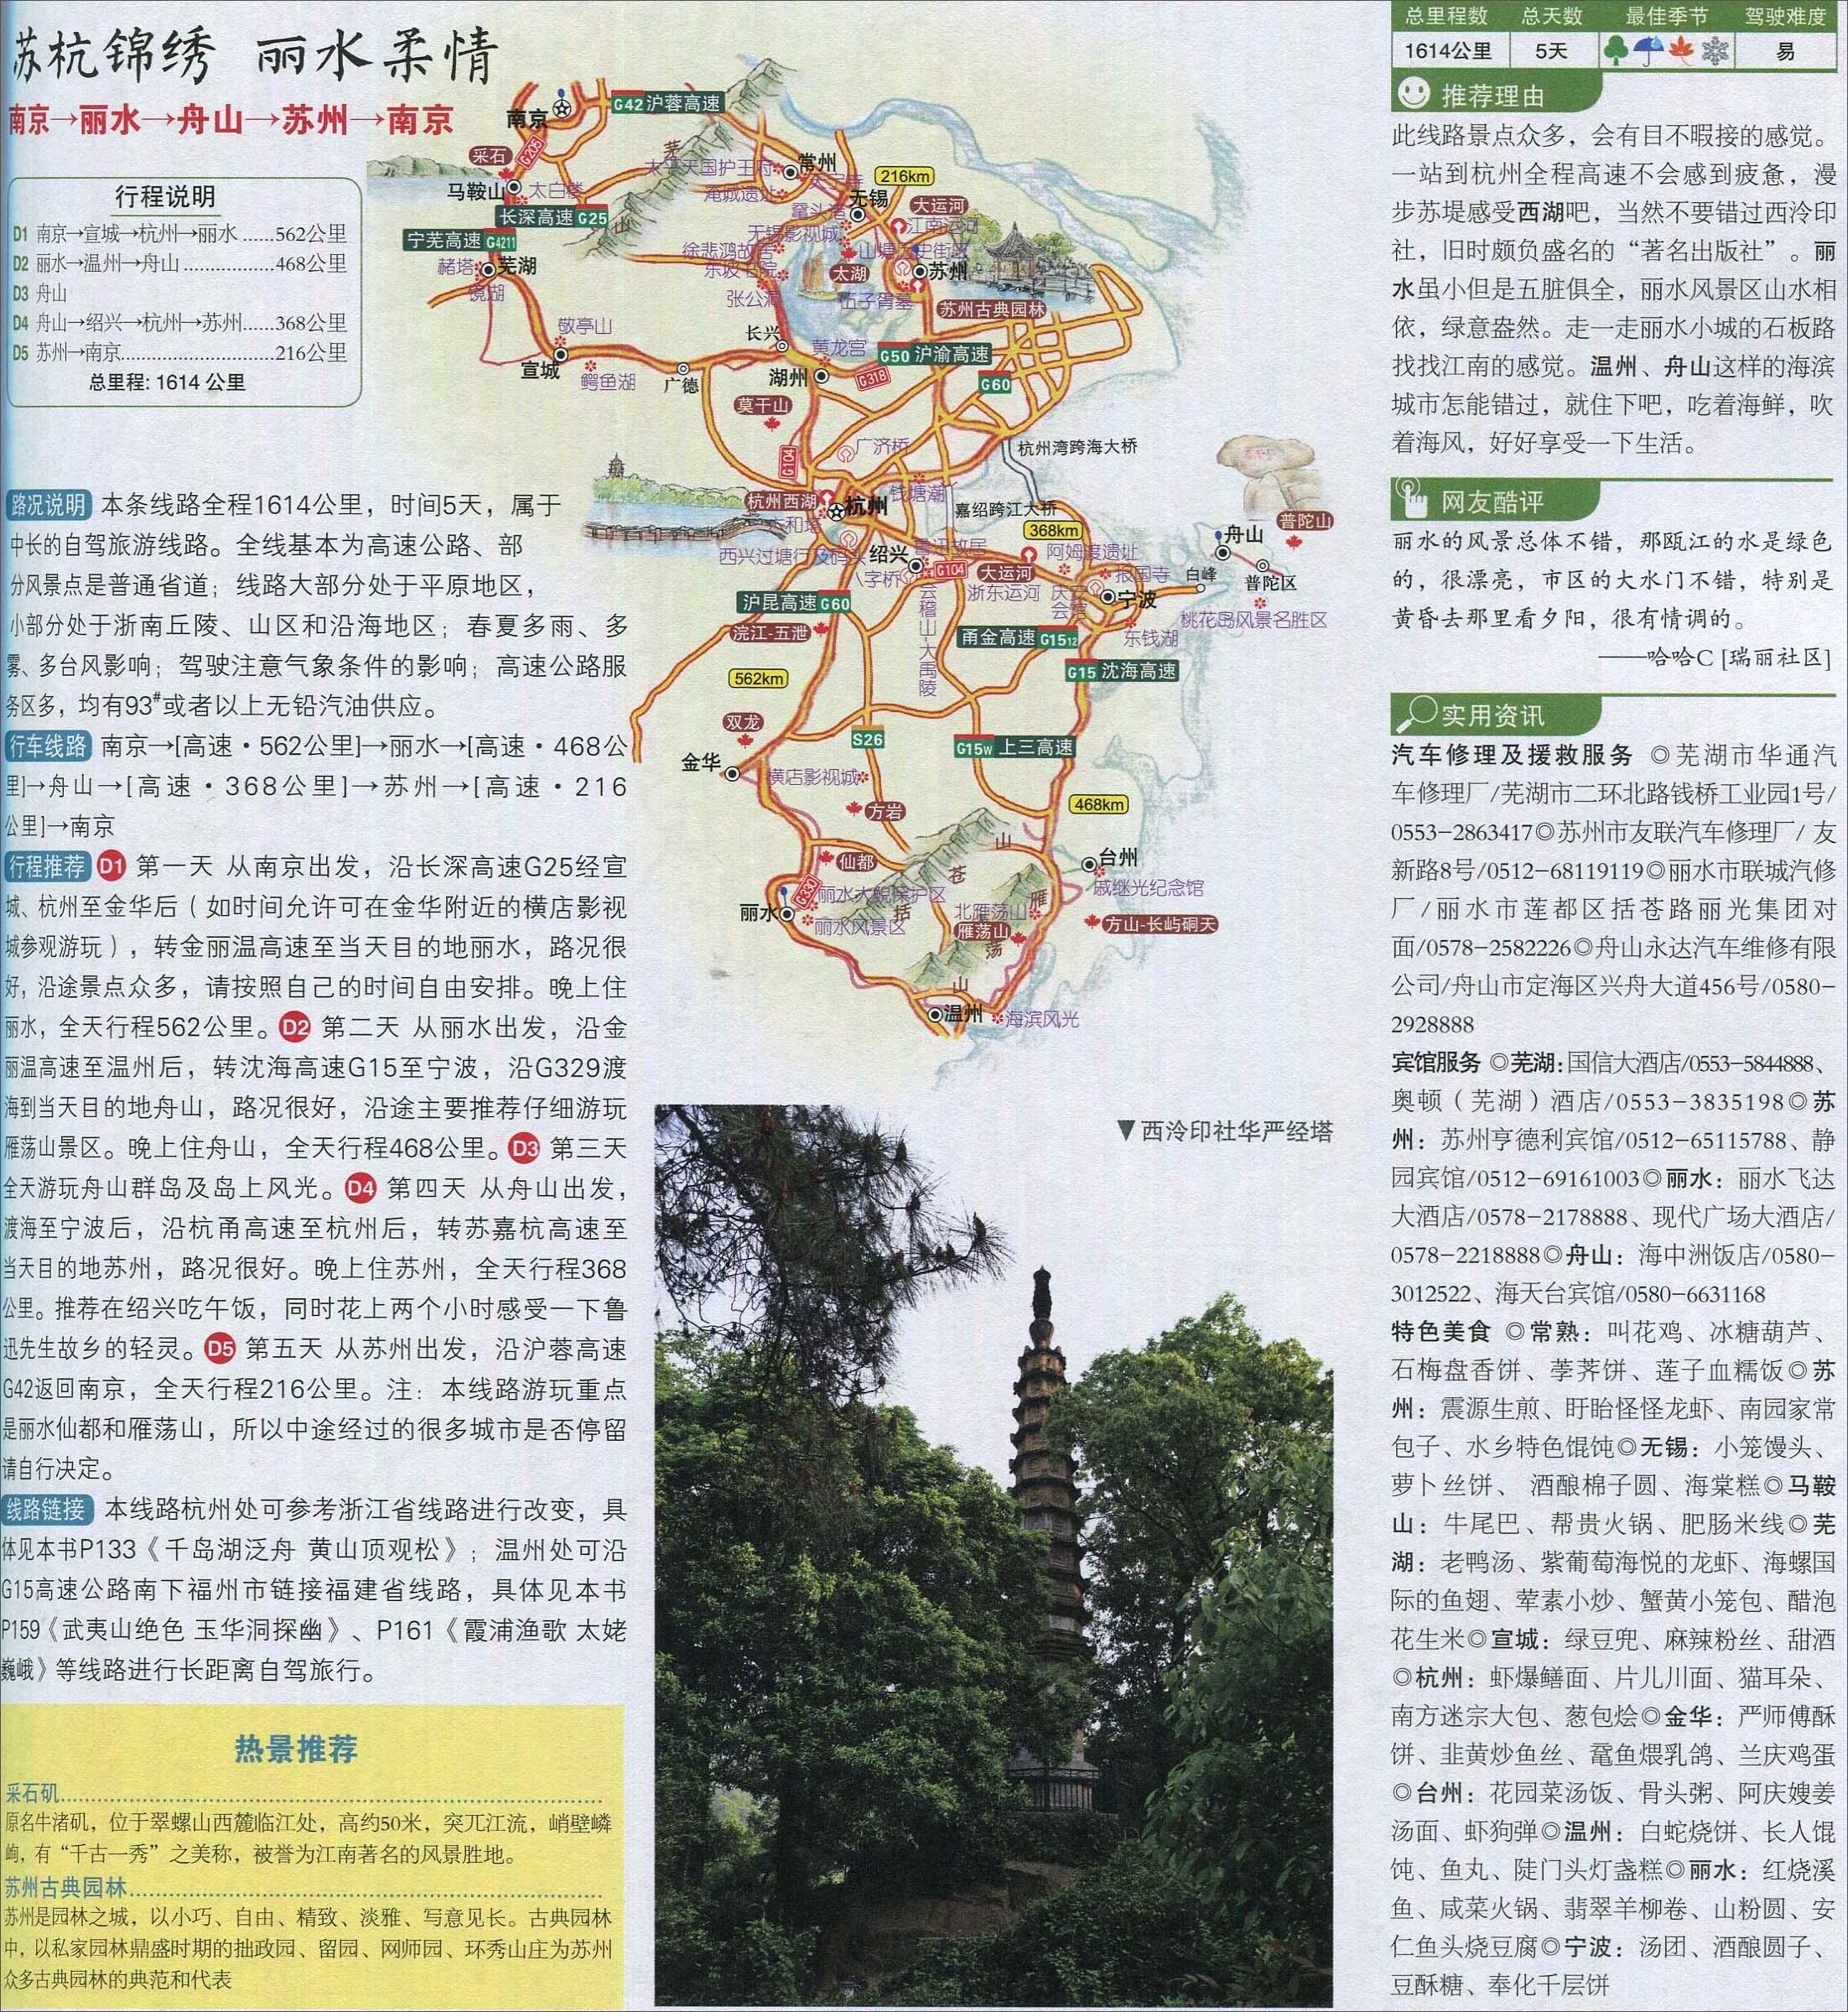 南京至舟山自驾游路线图